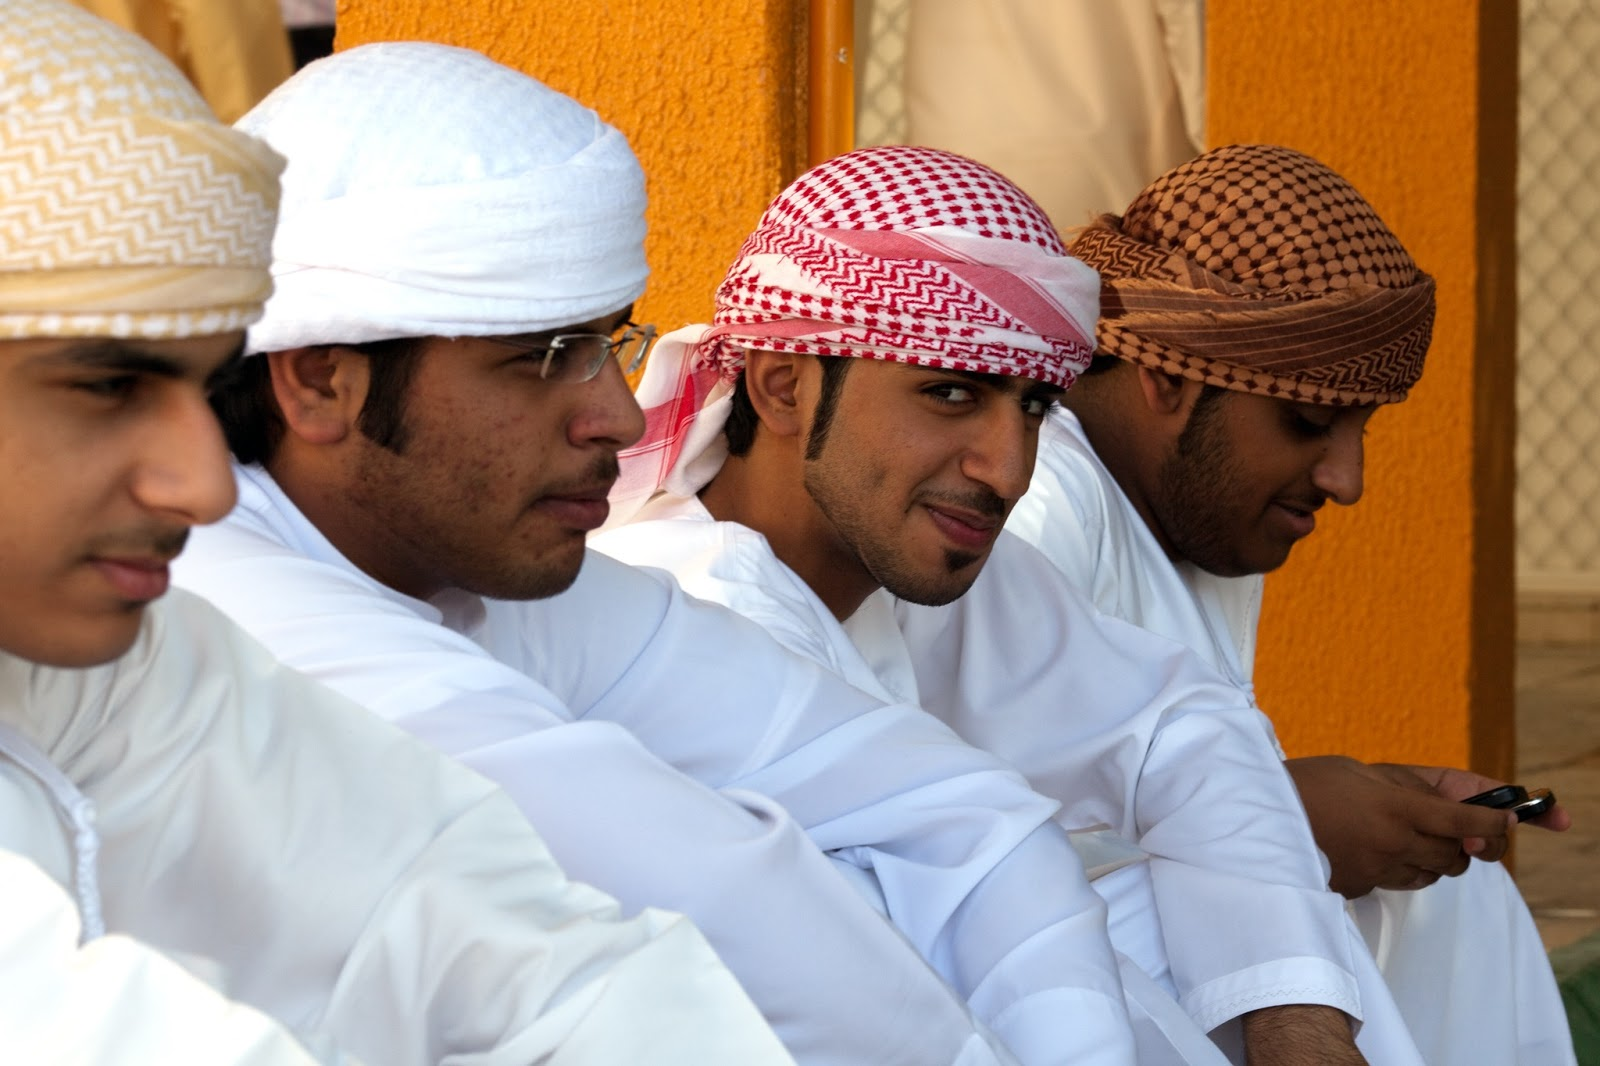 marrying an emirati woman